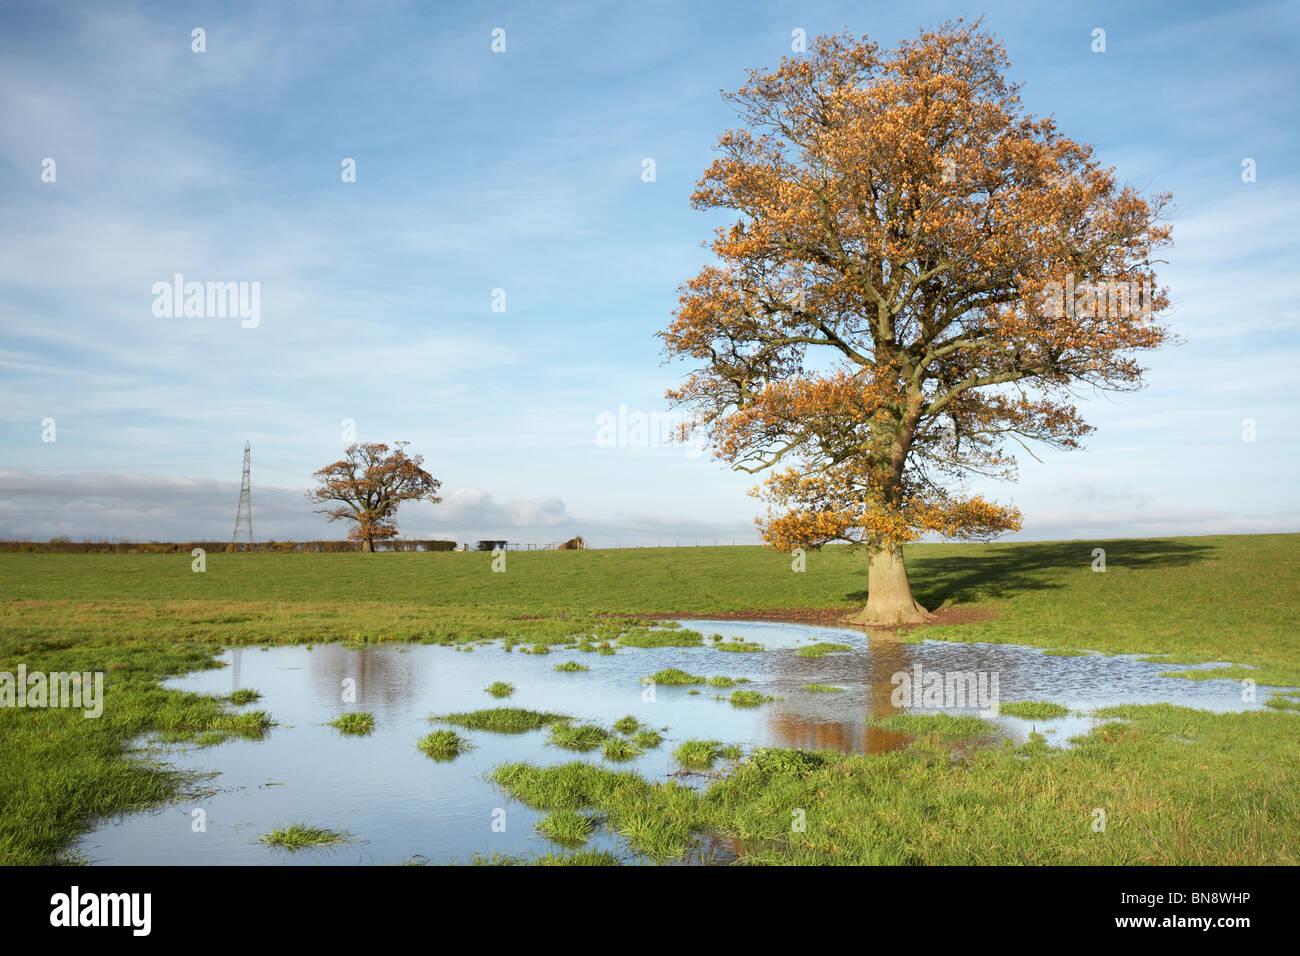 Unico autunno quercia in piedi in un campo inondato, Herefordshire, England, Regno Unito Immagini Stock